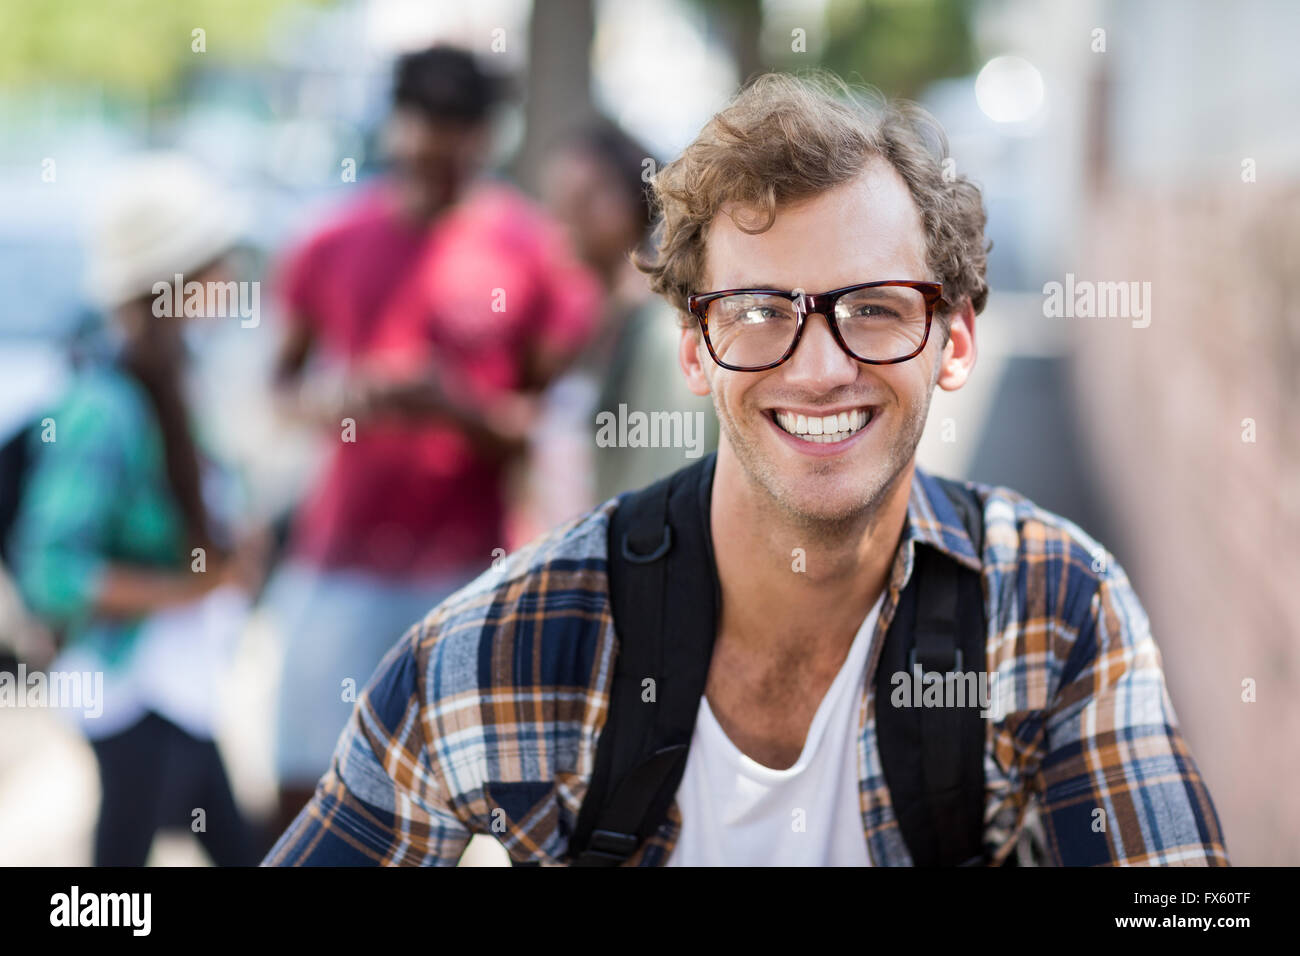 Ritratto di giovane uomo sorridente Immagini Stock